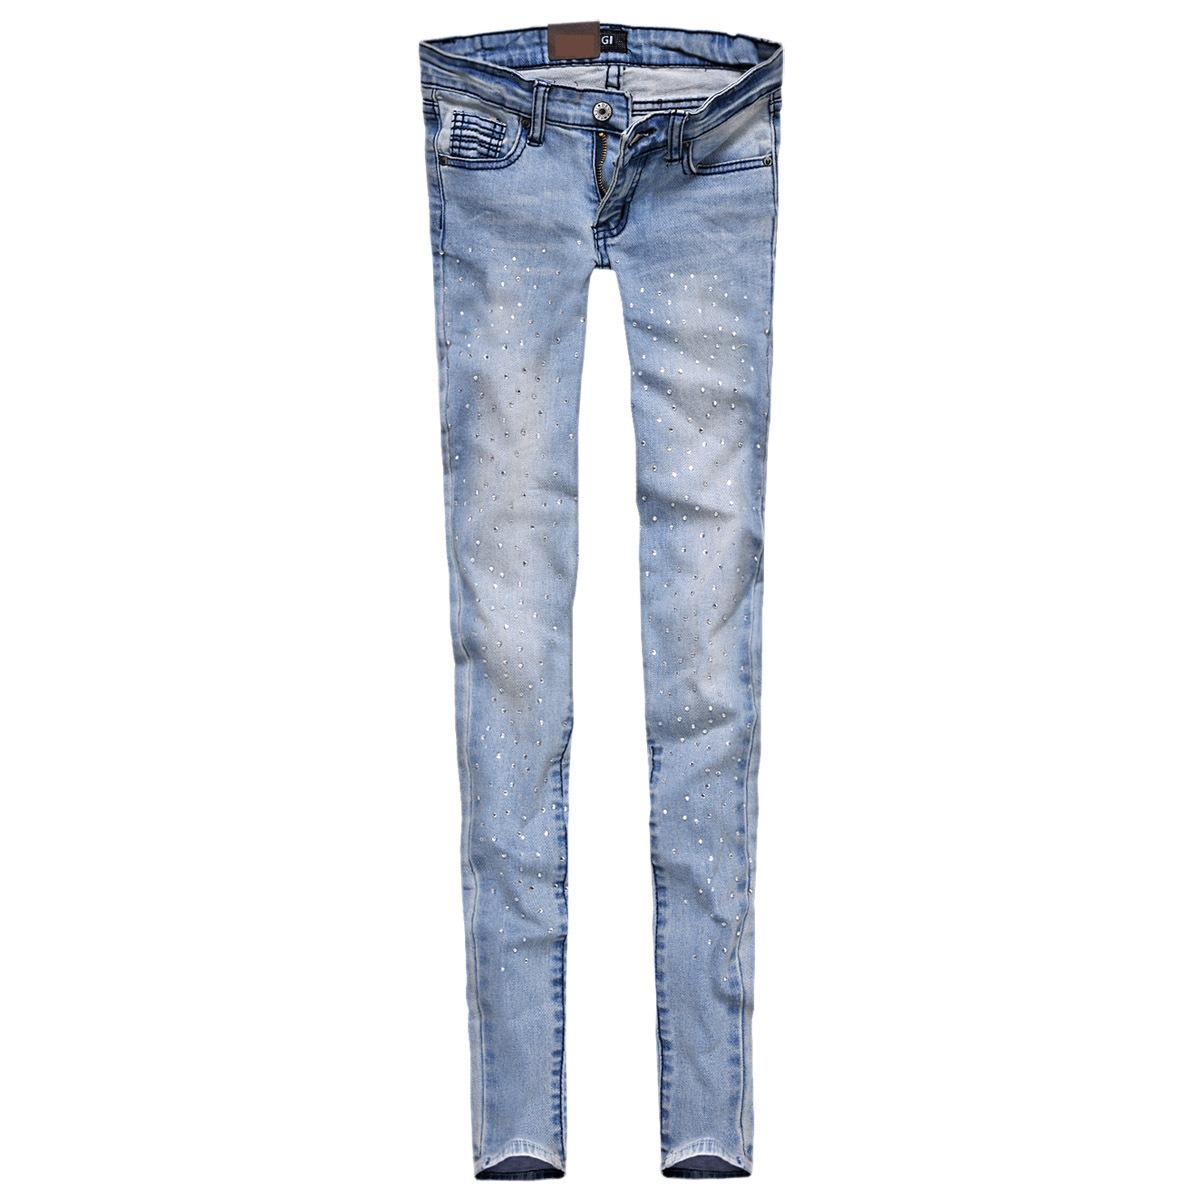 Джинсы женские Специальный Европейский Отдых джинсы Crystal бисером мягкие белые брюки с связанные ноги женщины 3536